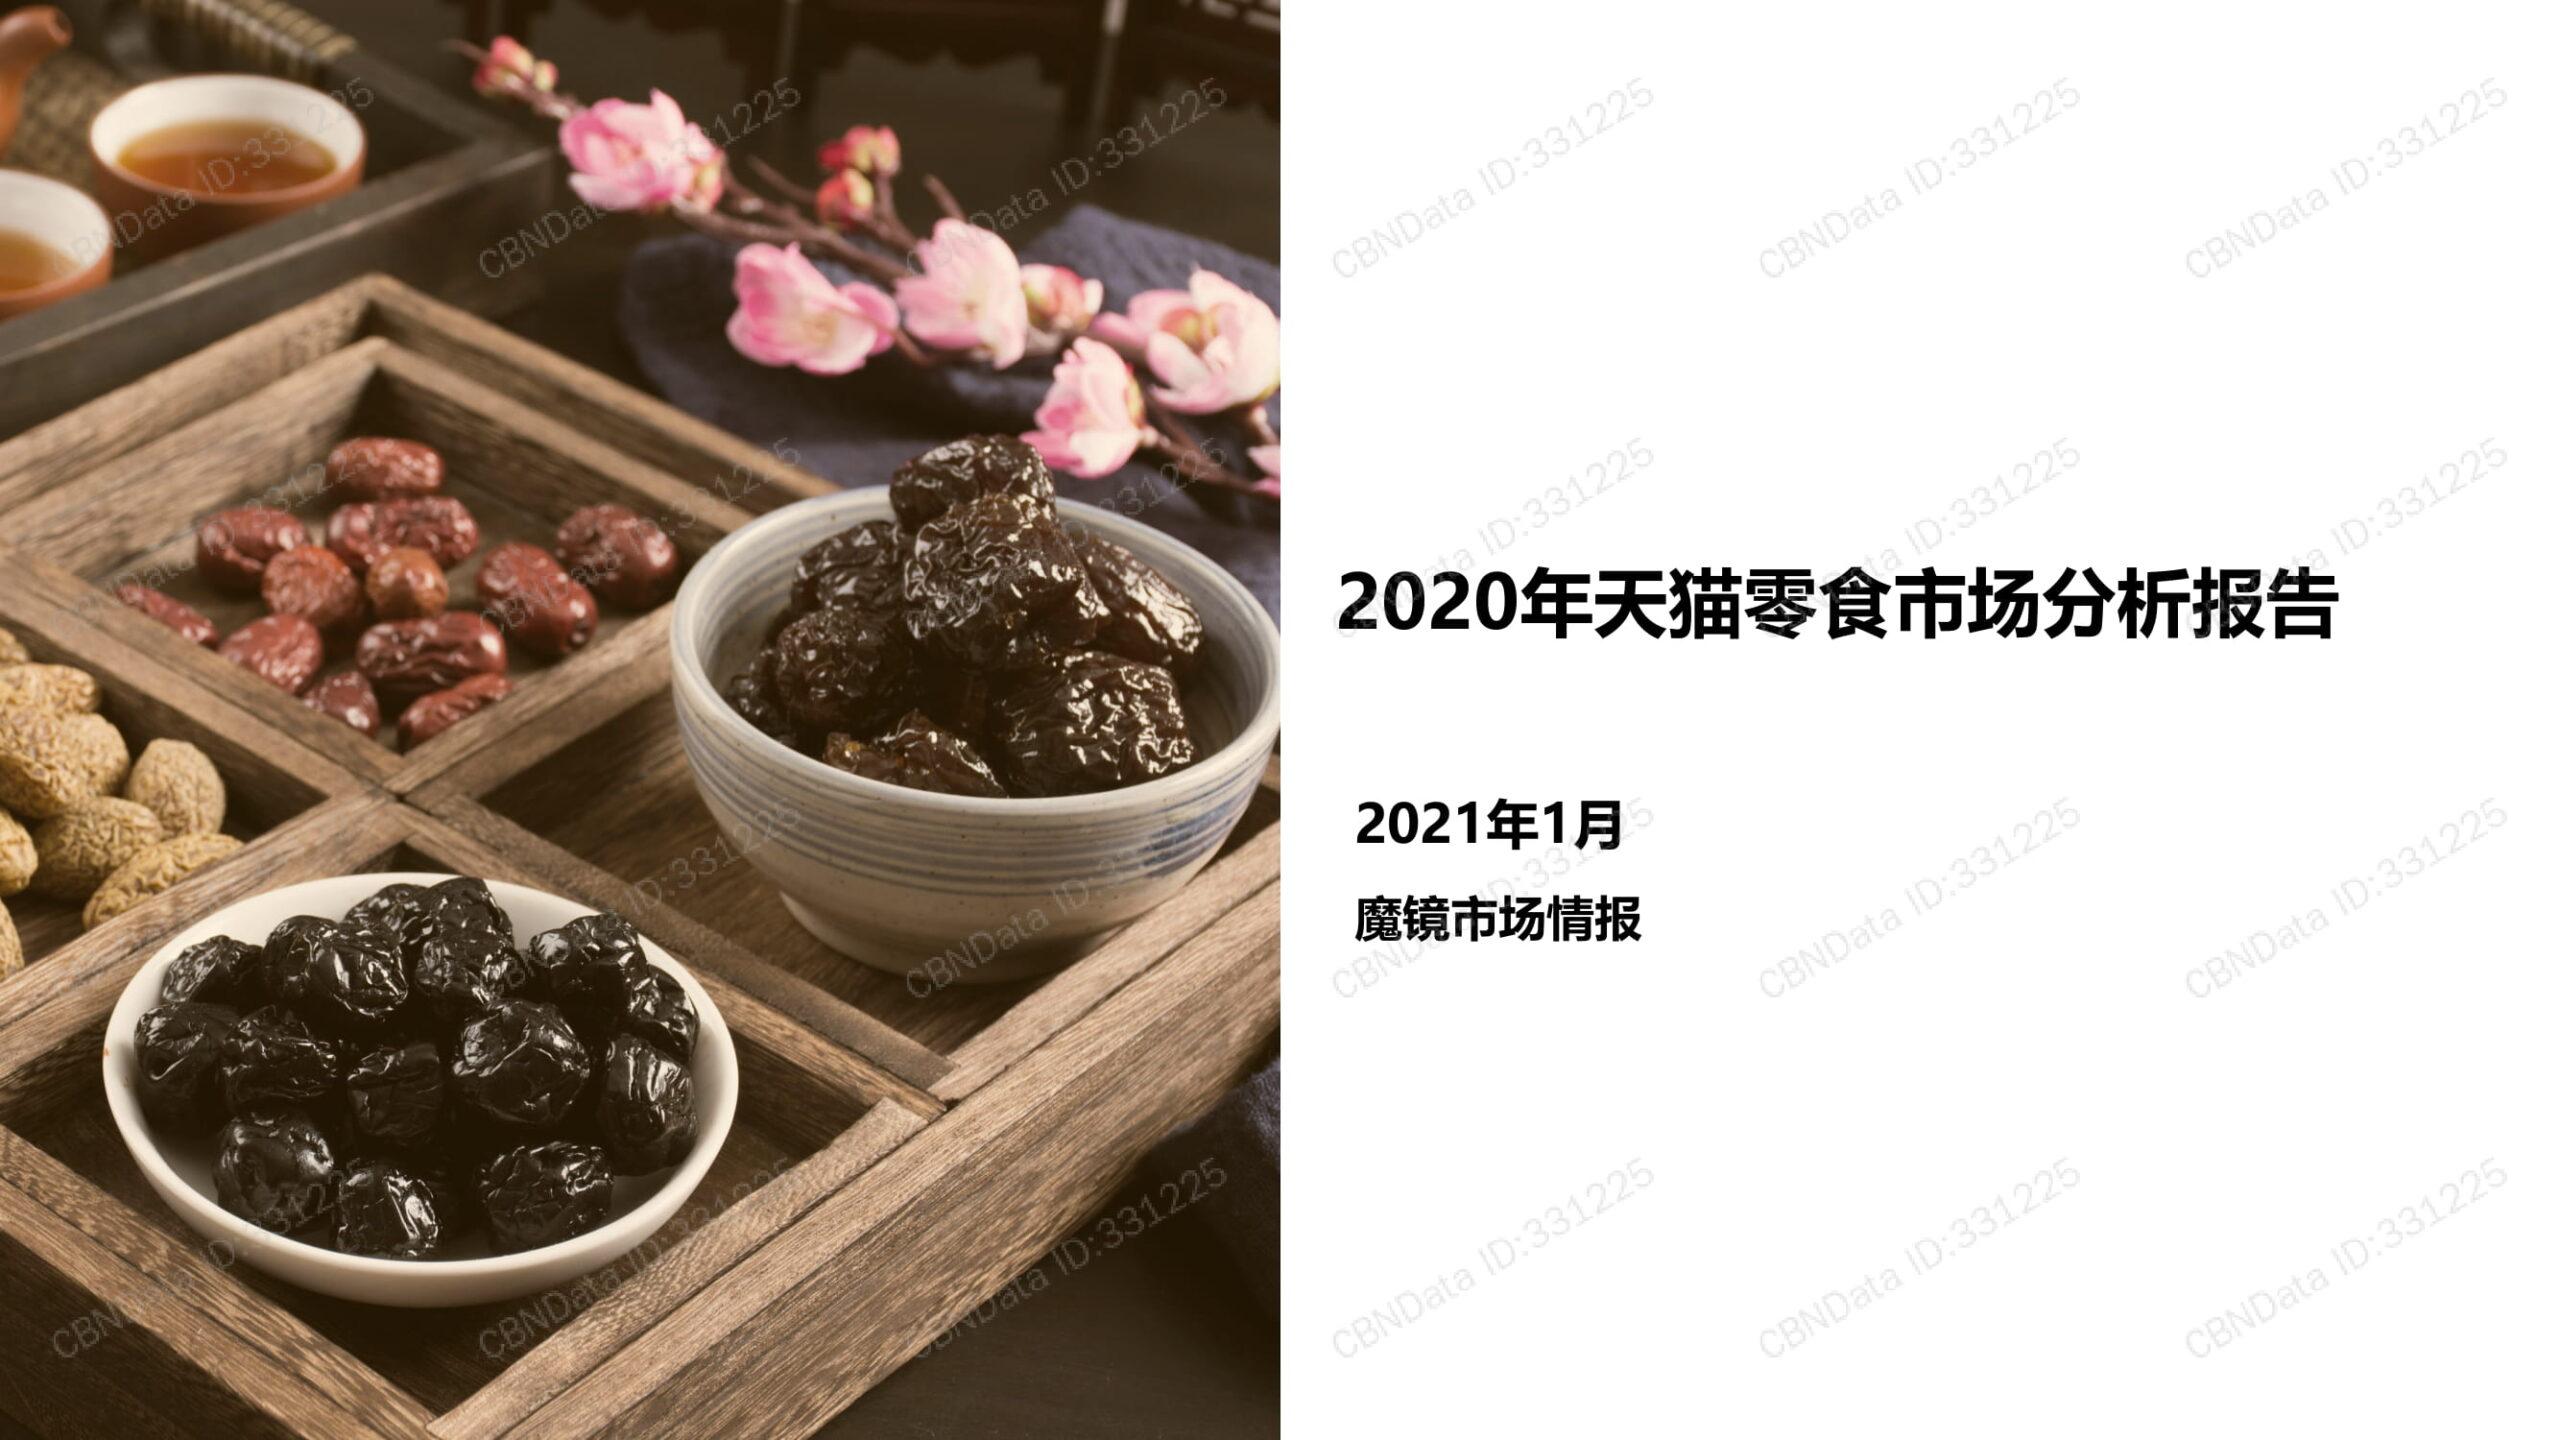 中国のお菓子市場分析レポート(前編)